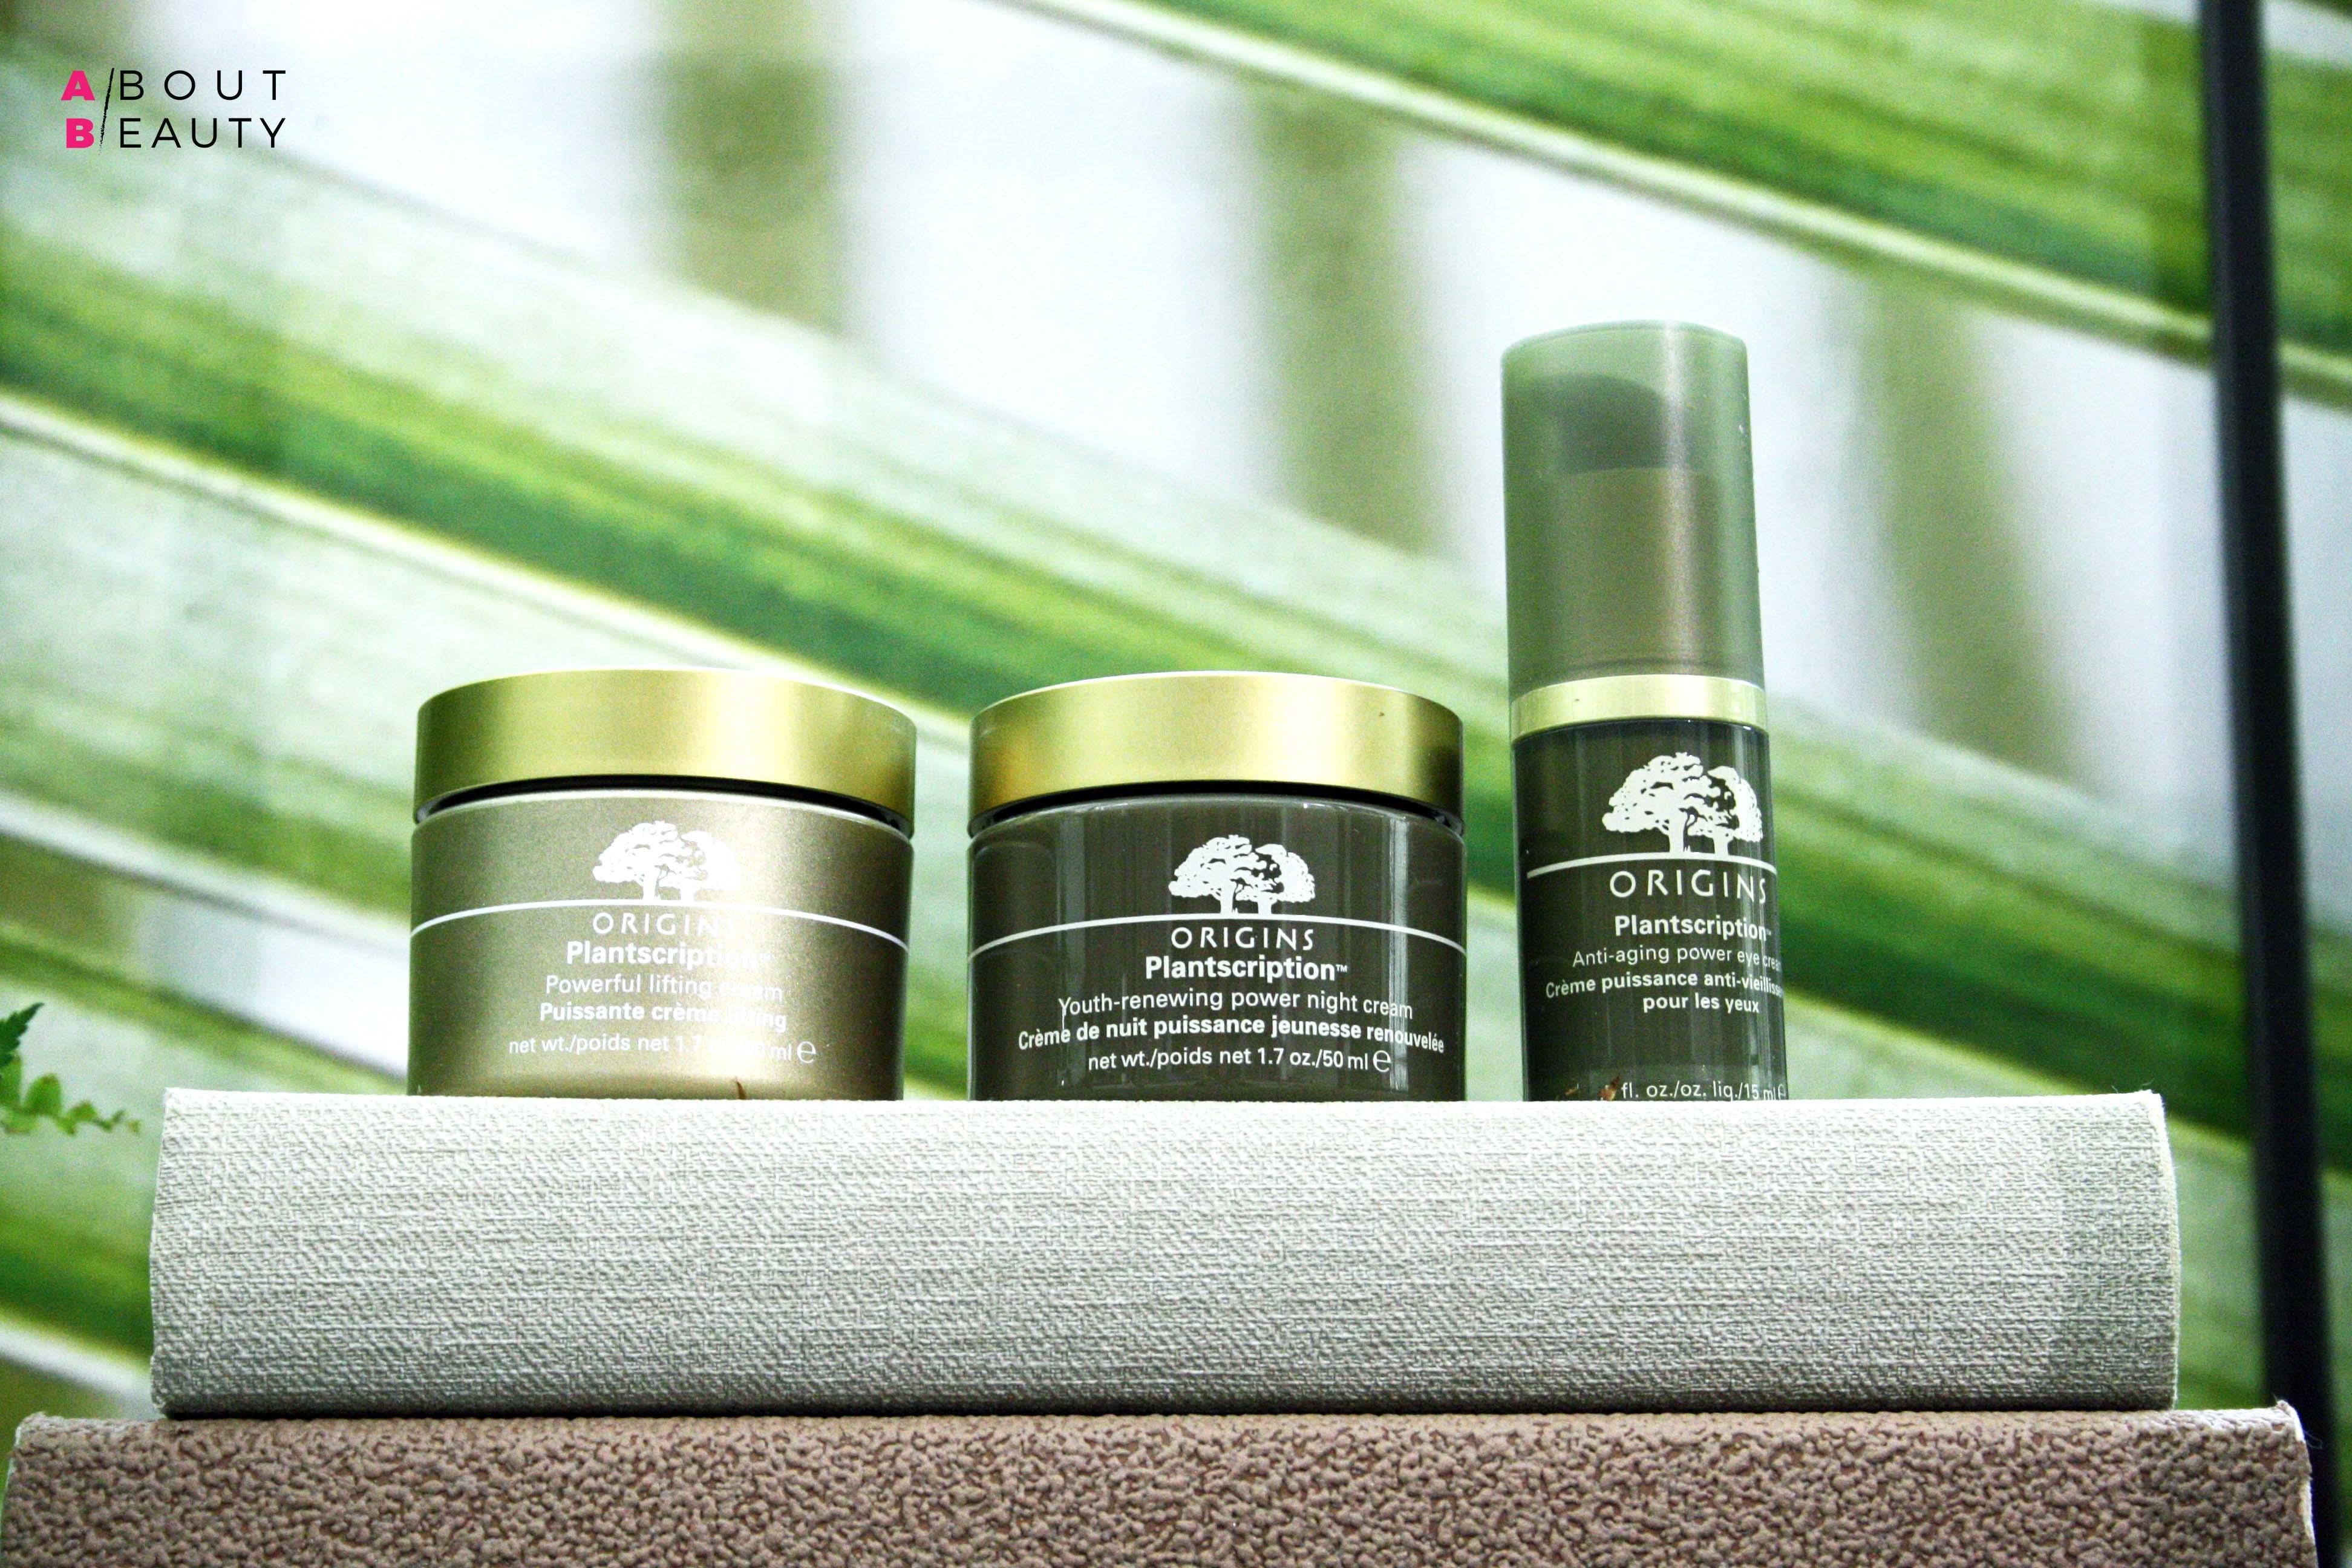 Origins arriva da Sephora con le sue linee skincare naturali: tutte le info foto e prezzi - Linea Plantscription